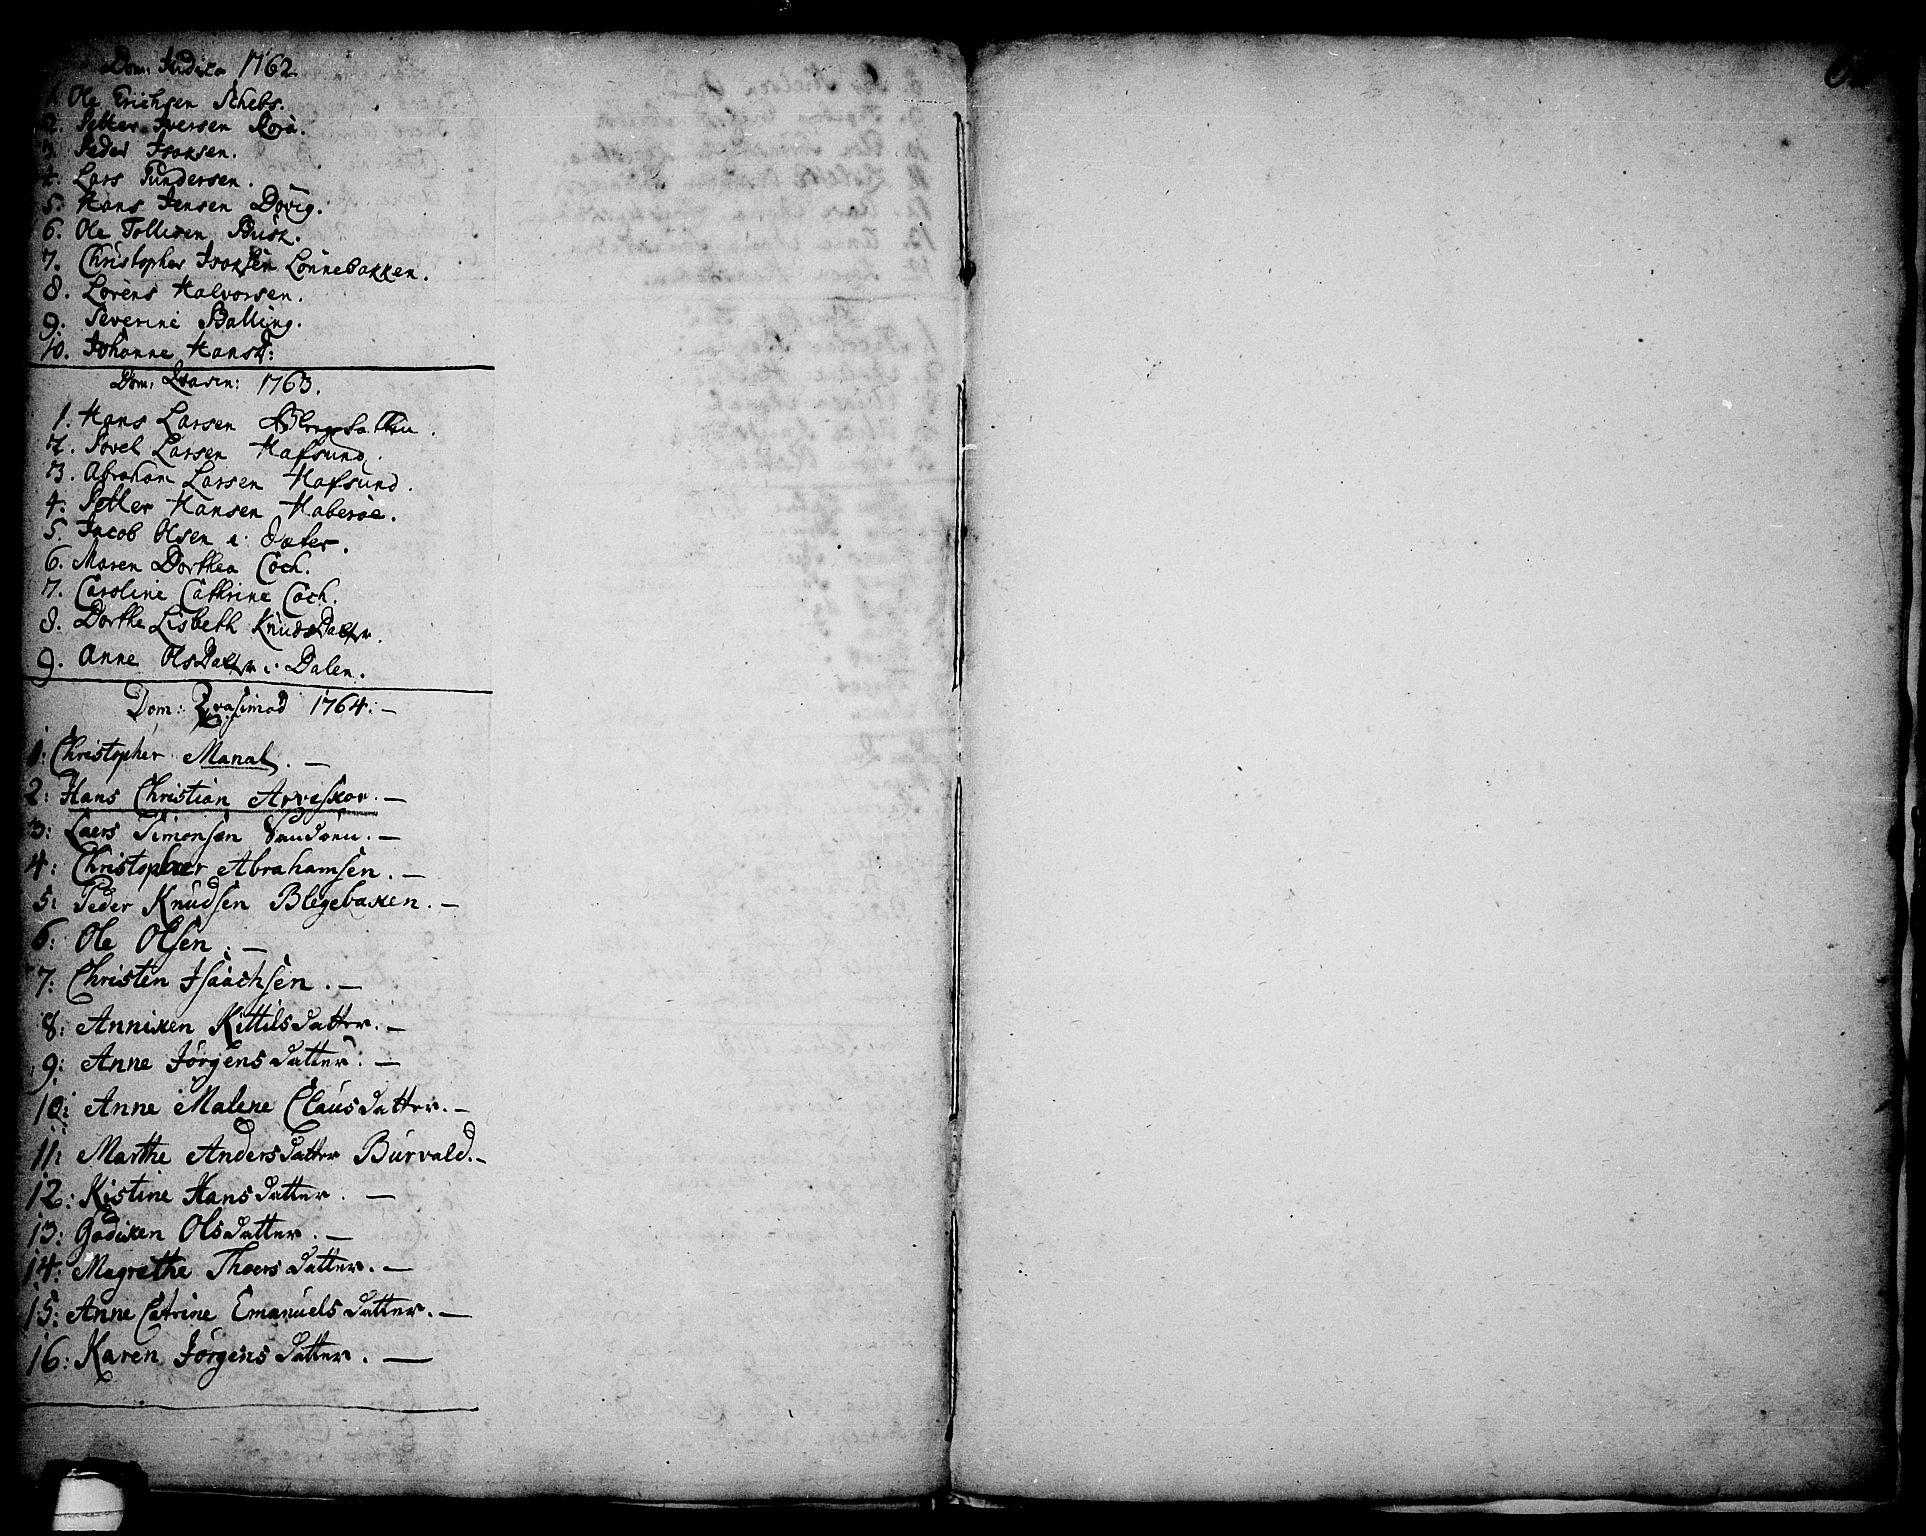 SAKO, Brevik kirkebøker, F/Fa/L0002: Ministerialbok nr. 2, 1720-1764, s. 66